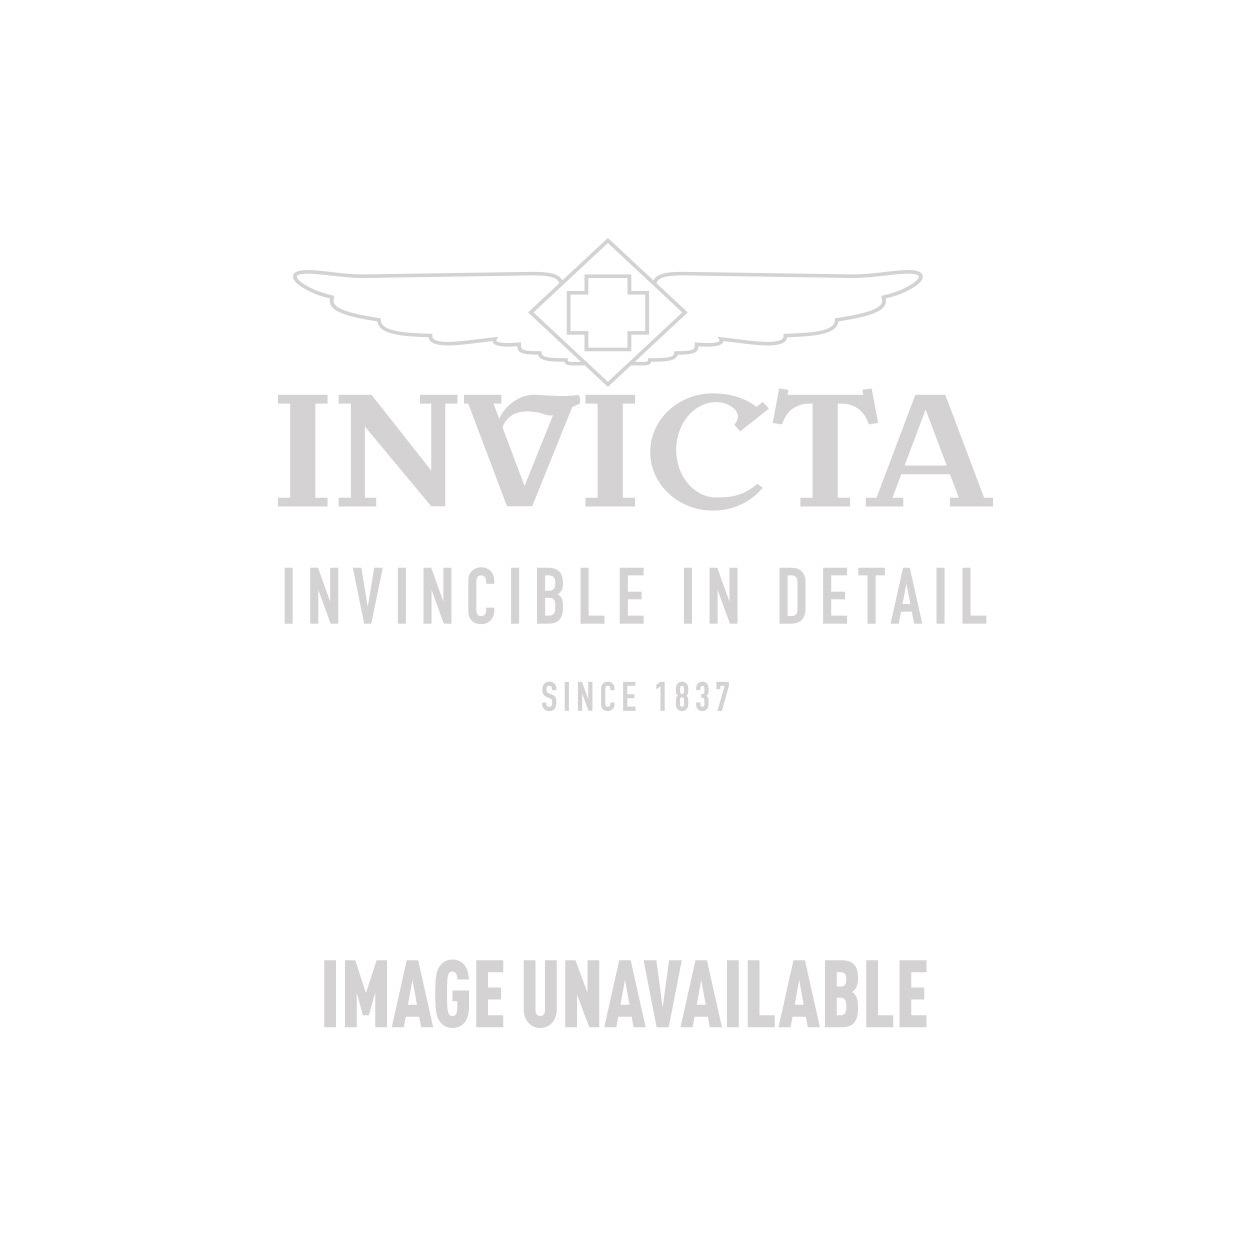 Invicta Sea Hunter Quartz Watch - Gunmetal case with Black tone Nylon band  - Model 10721